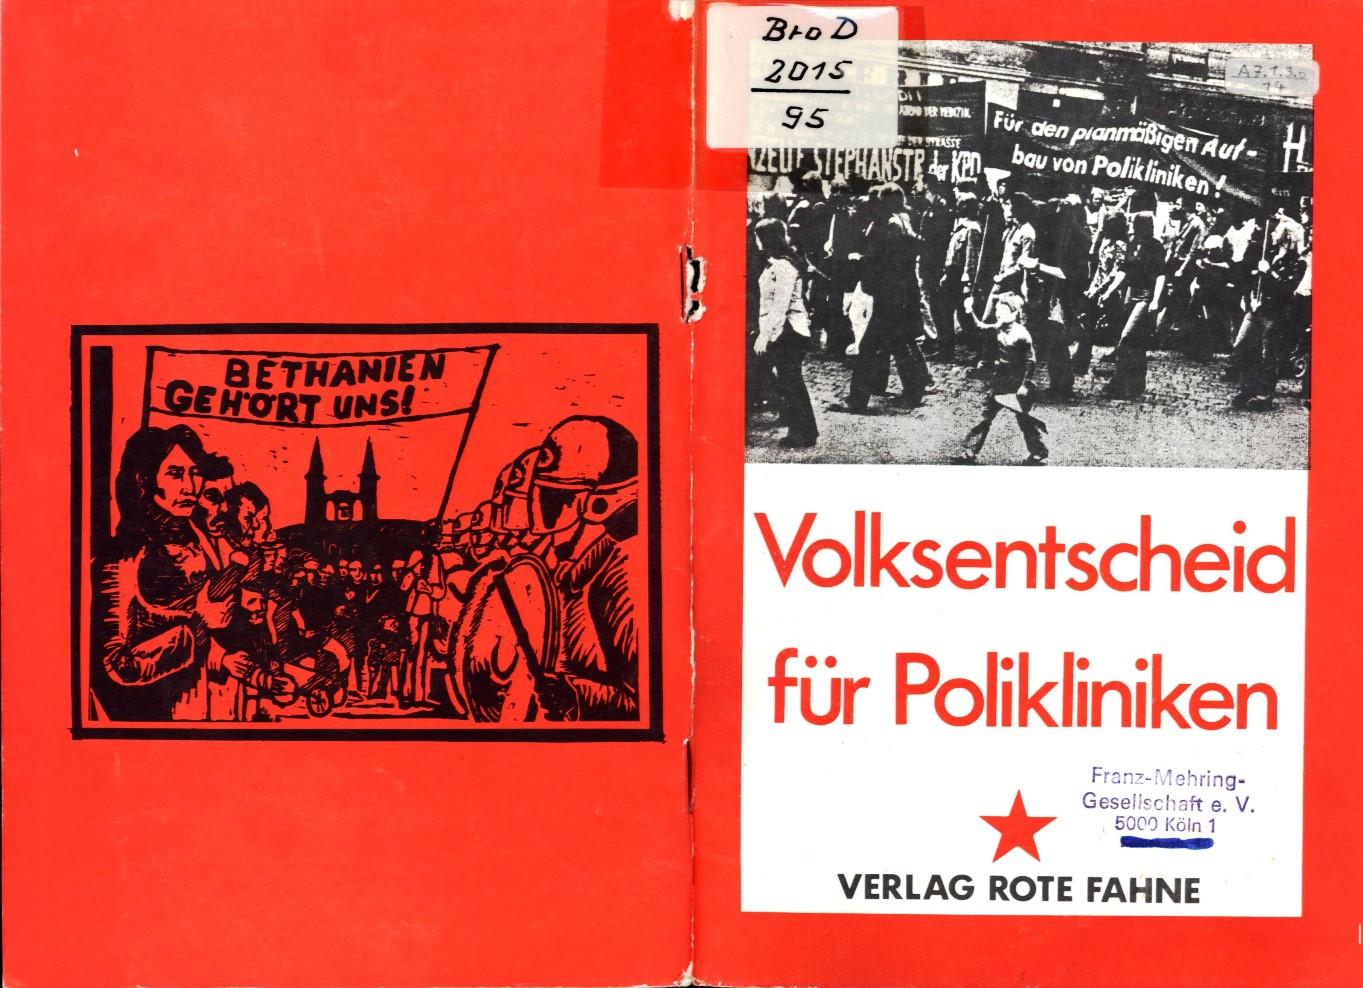 Berlin_KPDAO_1974_Volksentscheid_fuer_Poliklinken_01